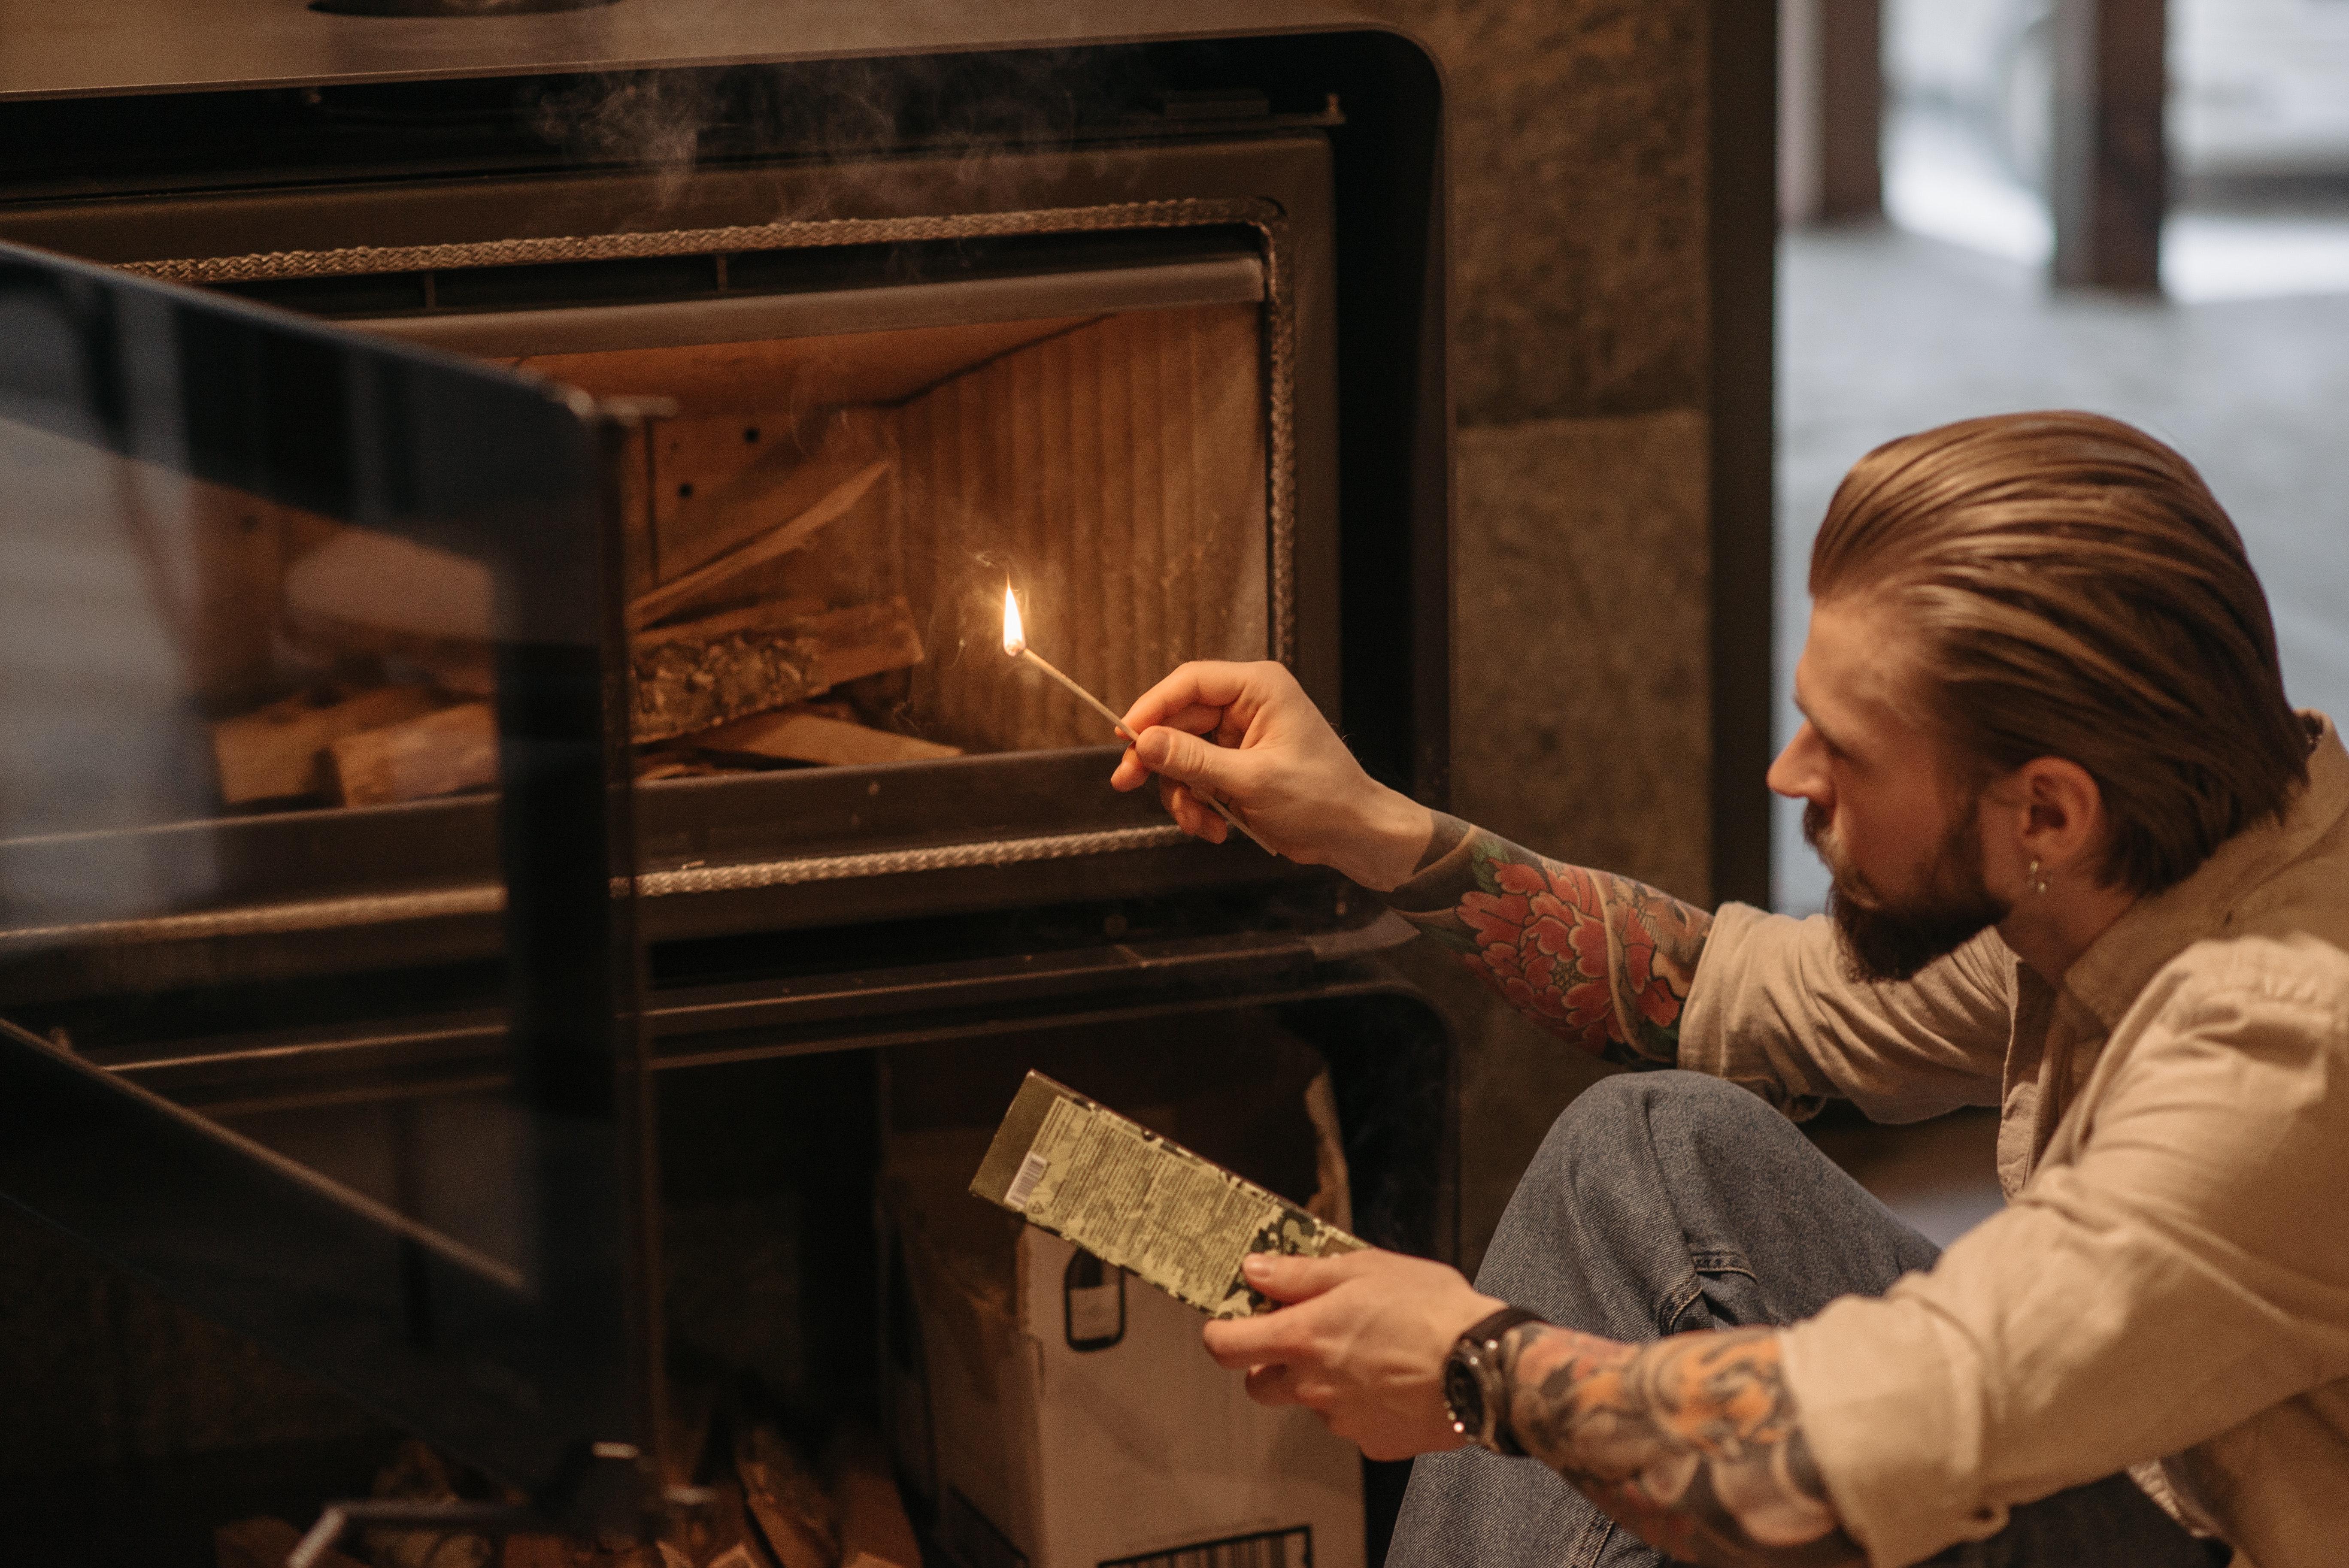 室內設計篇:壁爐架與真火壁爐